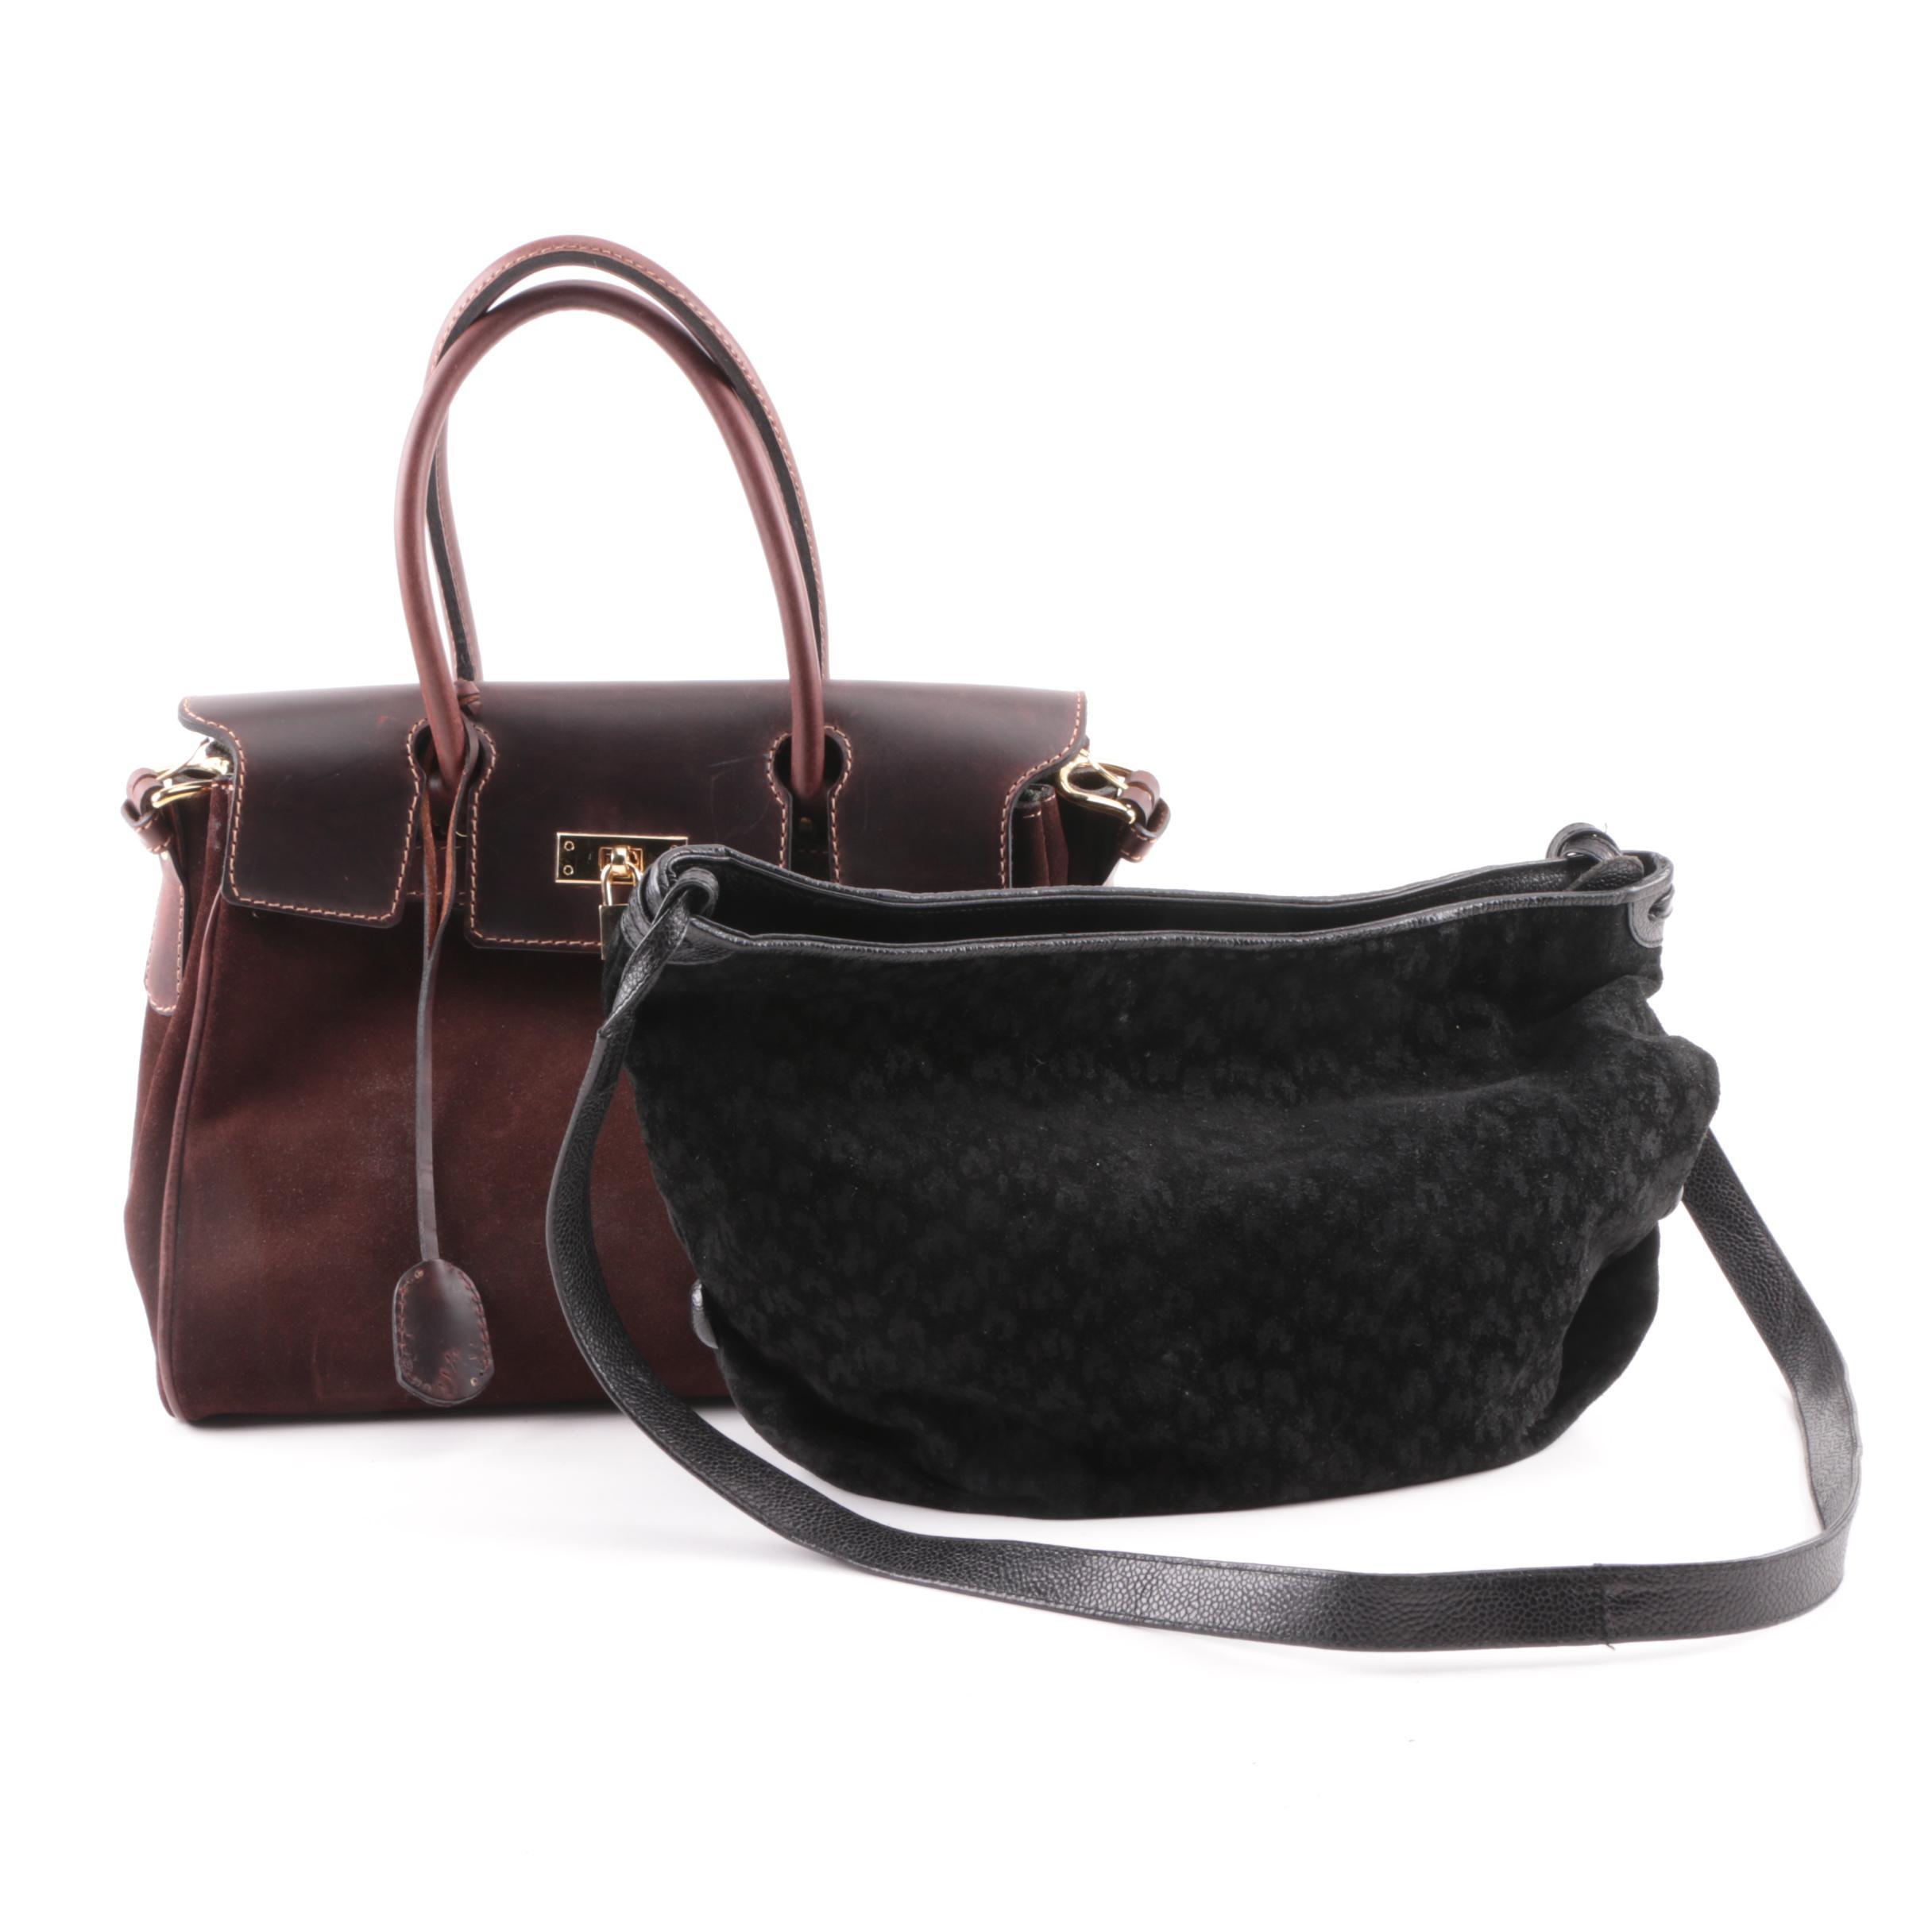 Susan Gail Black Suede Hobo Bag and Marie Antoniette Brown Suede Handbag